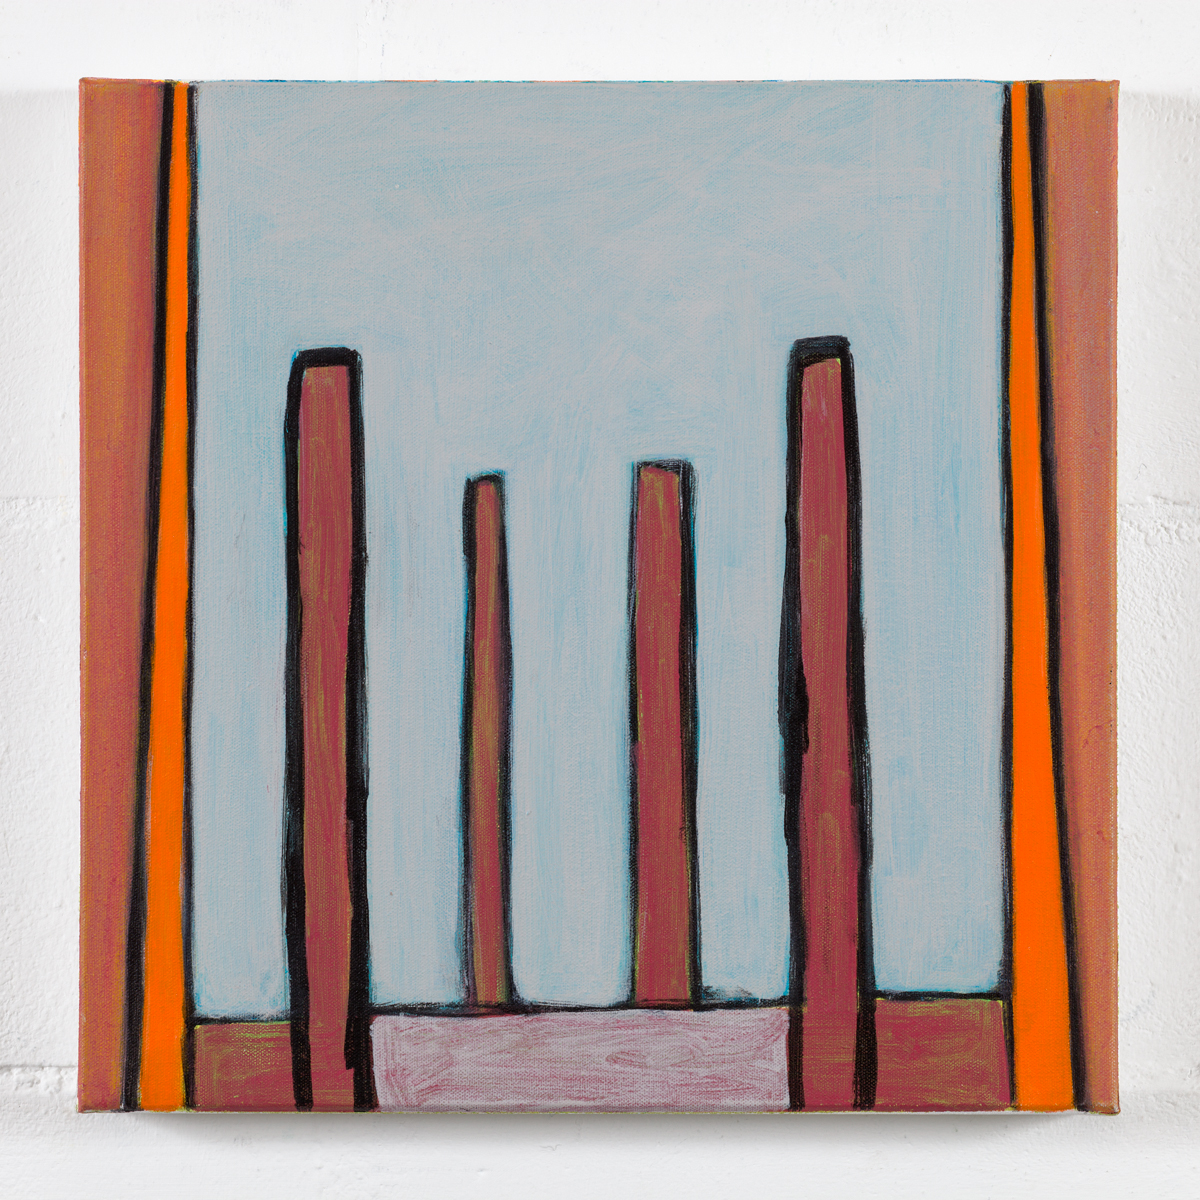 A demain no.2 acrylic on canvas 41cm x 41cm 2013